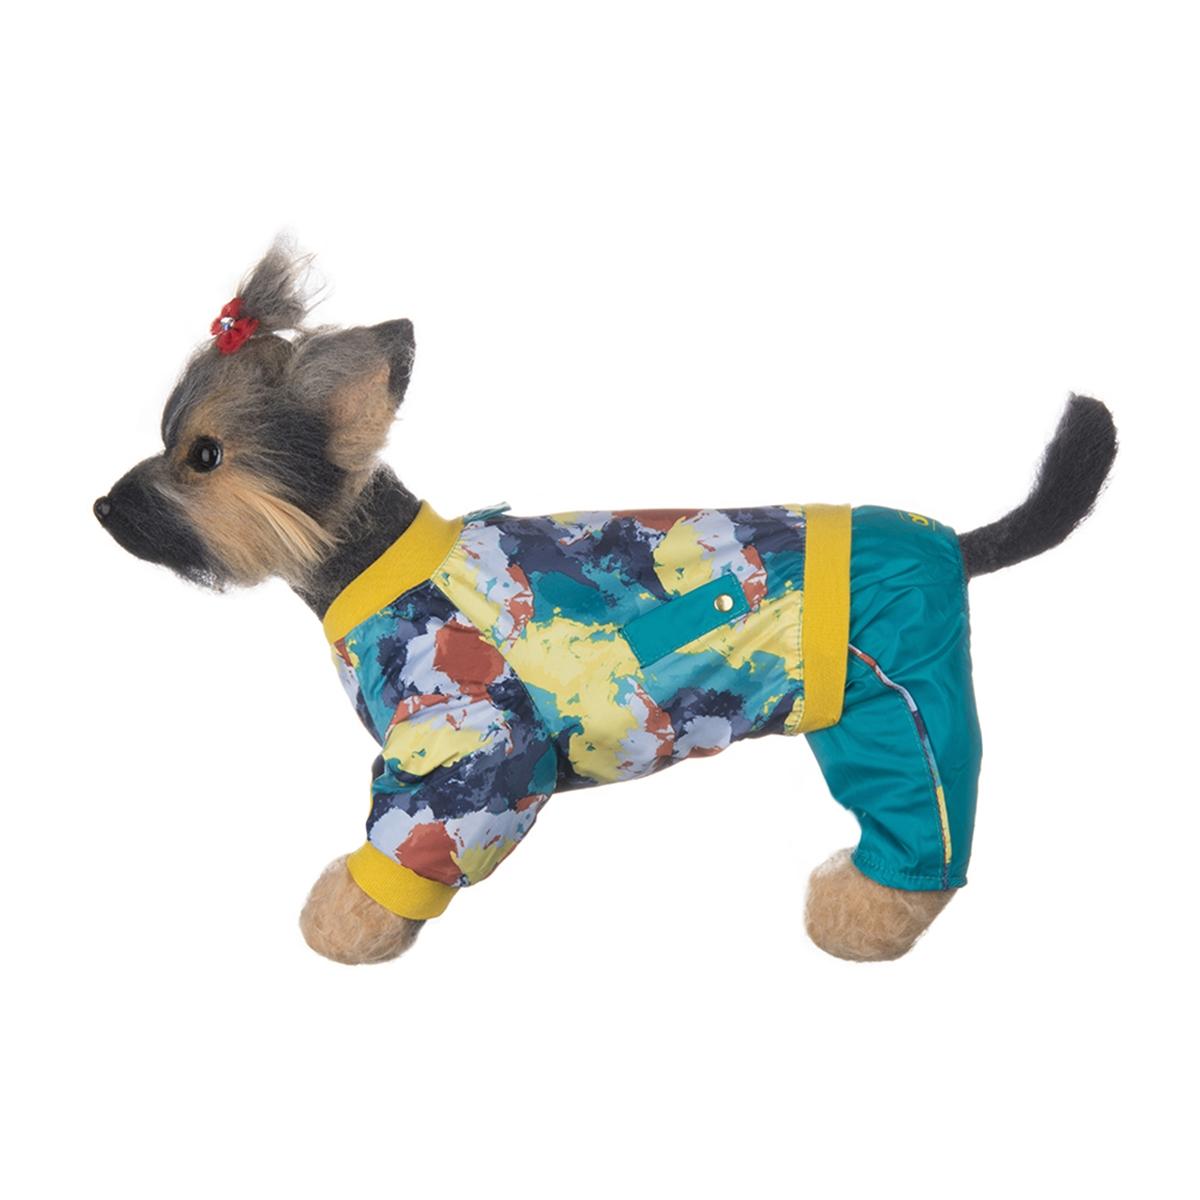 Комбинезон для собак Dogmoda Акварель, для мальчика, цвет: морской волны, желтый. Размер 3 (L)DM-150312-3Комбинезон для собак Dogmoda Акварель отлично подойдет для прогулок поздней осенью или ранней весной. Комбинезон изготовлен из полиэстера, защищающего от ветра и осадков, с подкладкой из флиса, которая сохранит тепло и обеспечит отличный воздухообмен. Комбинезон застегивается на кнопки, благодаря чему его легко надевать и снимать. Ворот, низ рукавов оснащены широкими трикотажными манжетами, которые мягко обхватывают шею и лапки, не позволяя просачиваться холодному воздуху. На пояснице комбинезон декорирован трикотажной резинкой. Благодаря такому комбинезону простуда не грозит вашему питомцу и он не даст любимцу продрогнуть на прогулке.